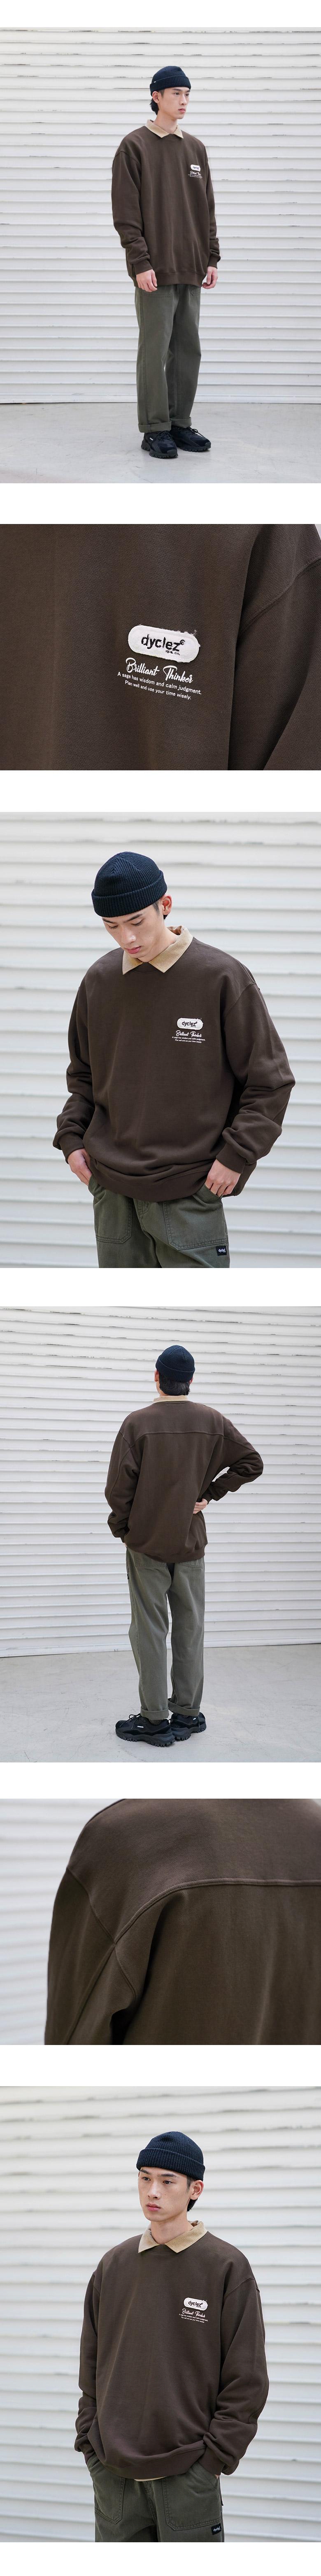 KHMT5115_model_brown.jpg